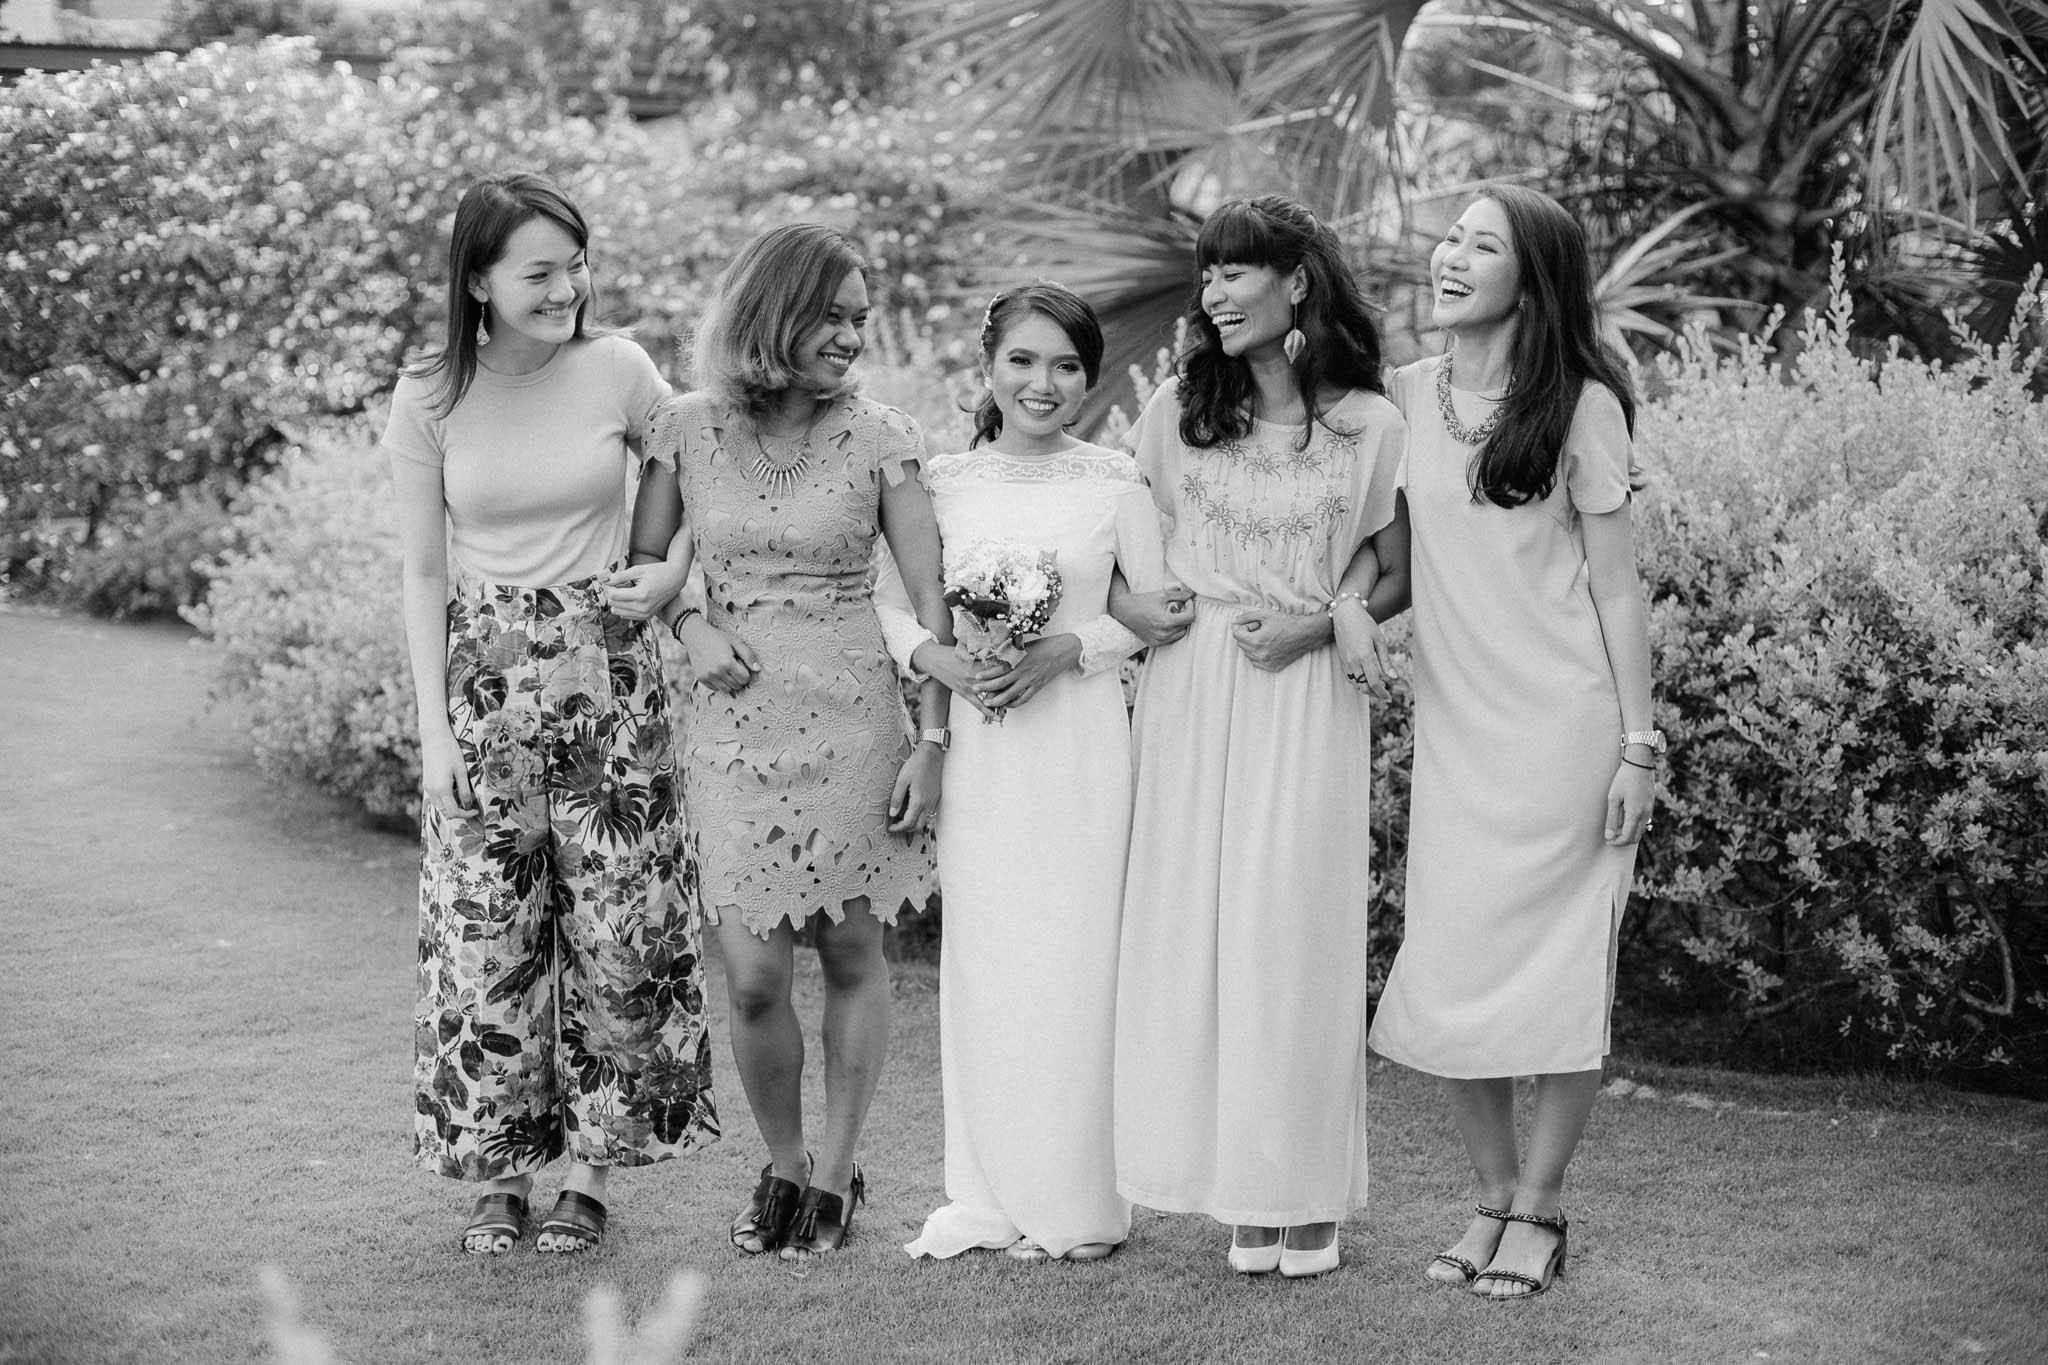 singapore-wedding-photographer-wemadethese-bw-014.jpg